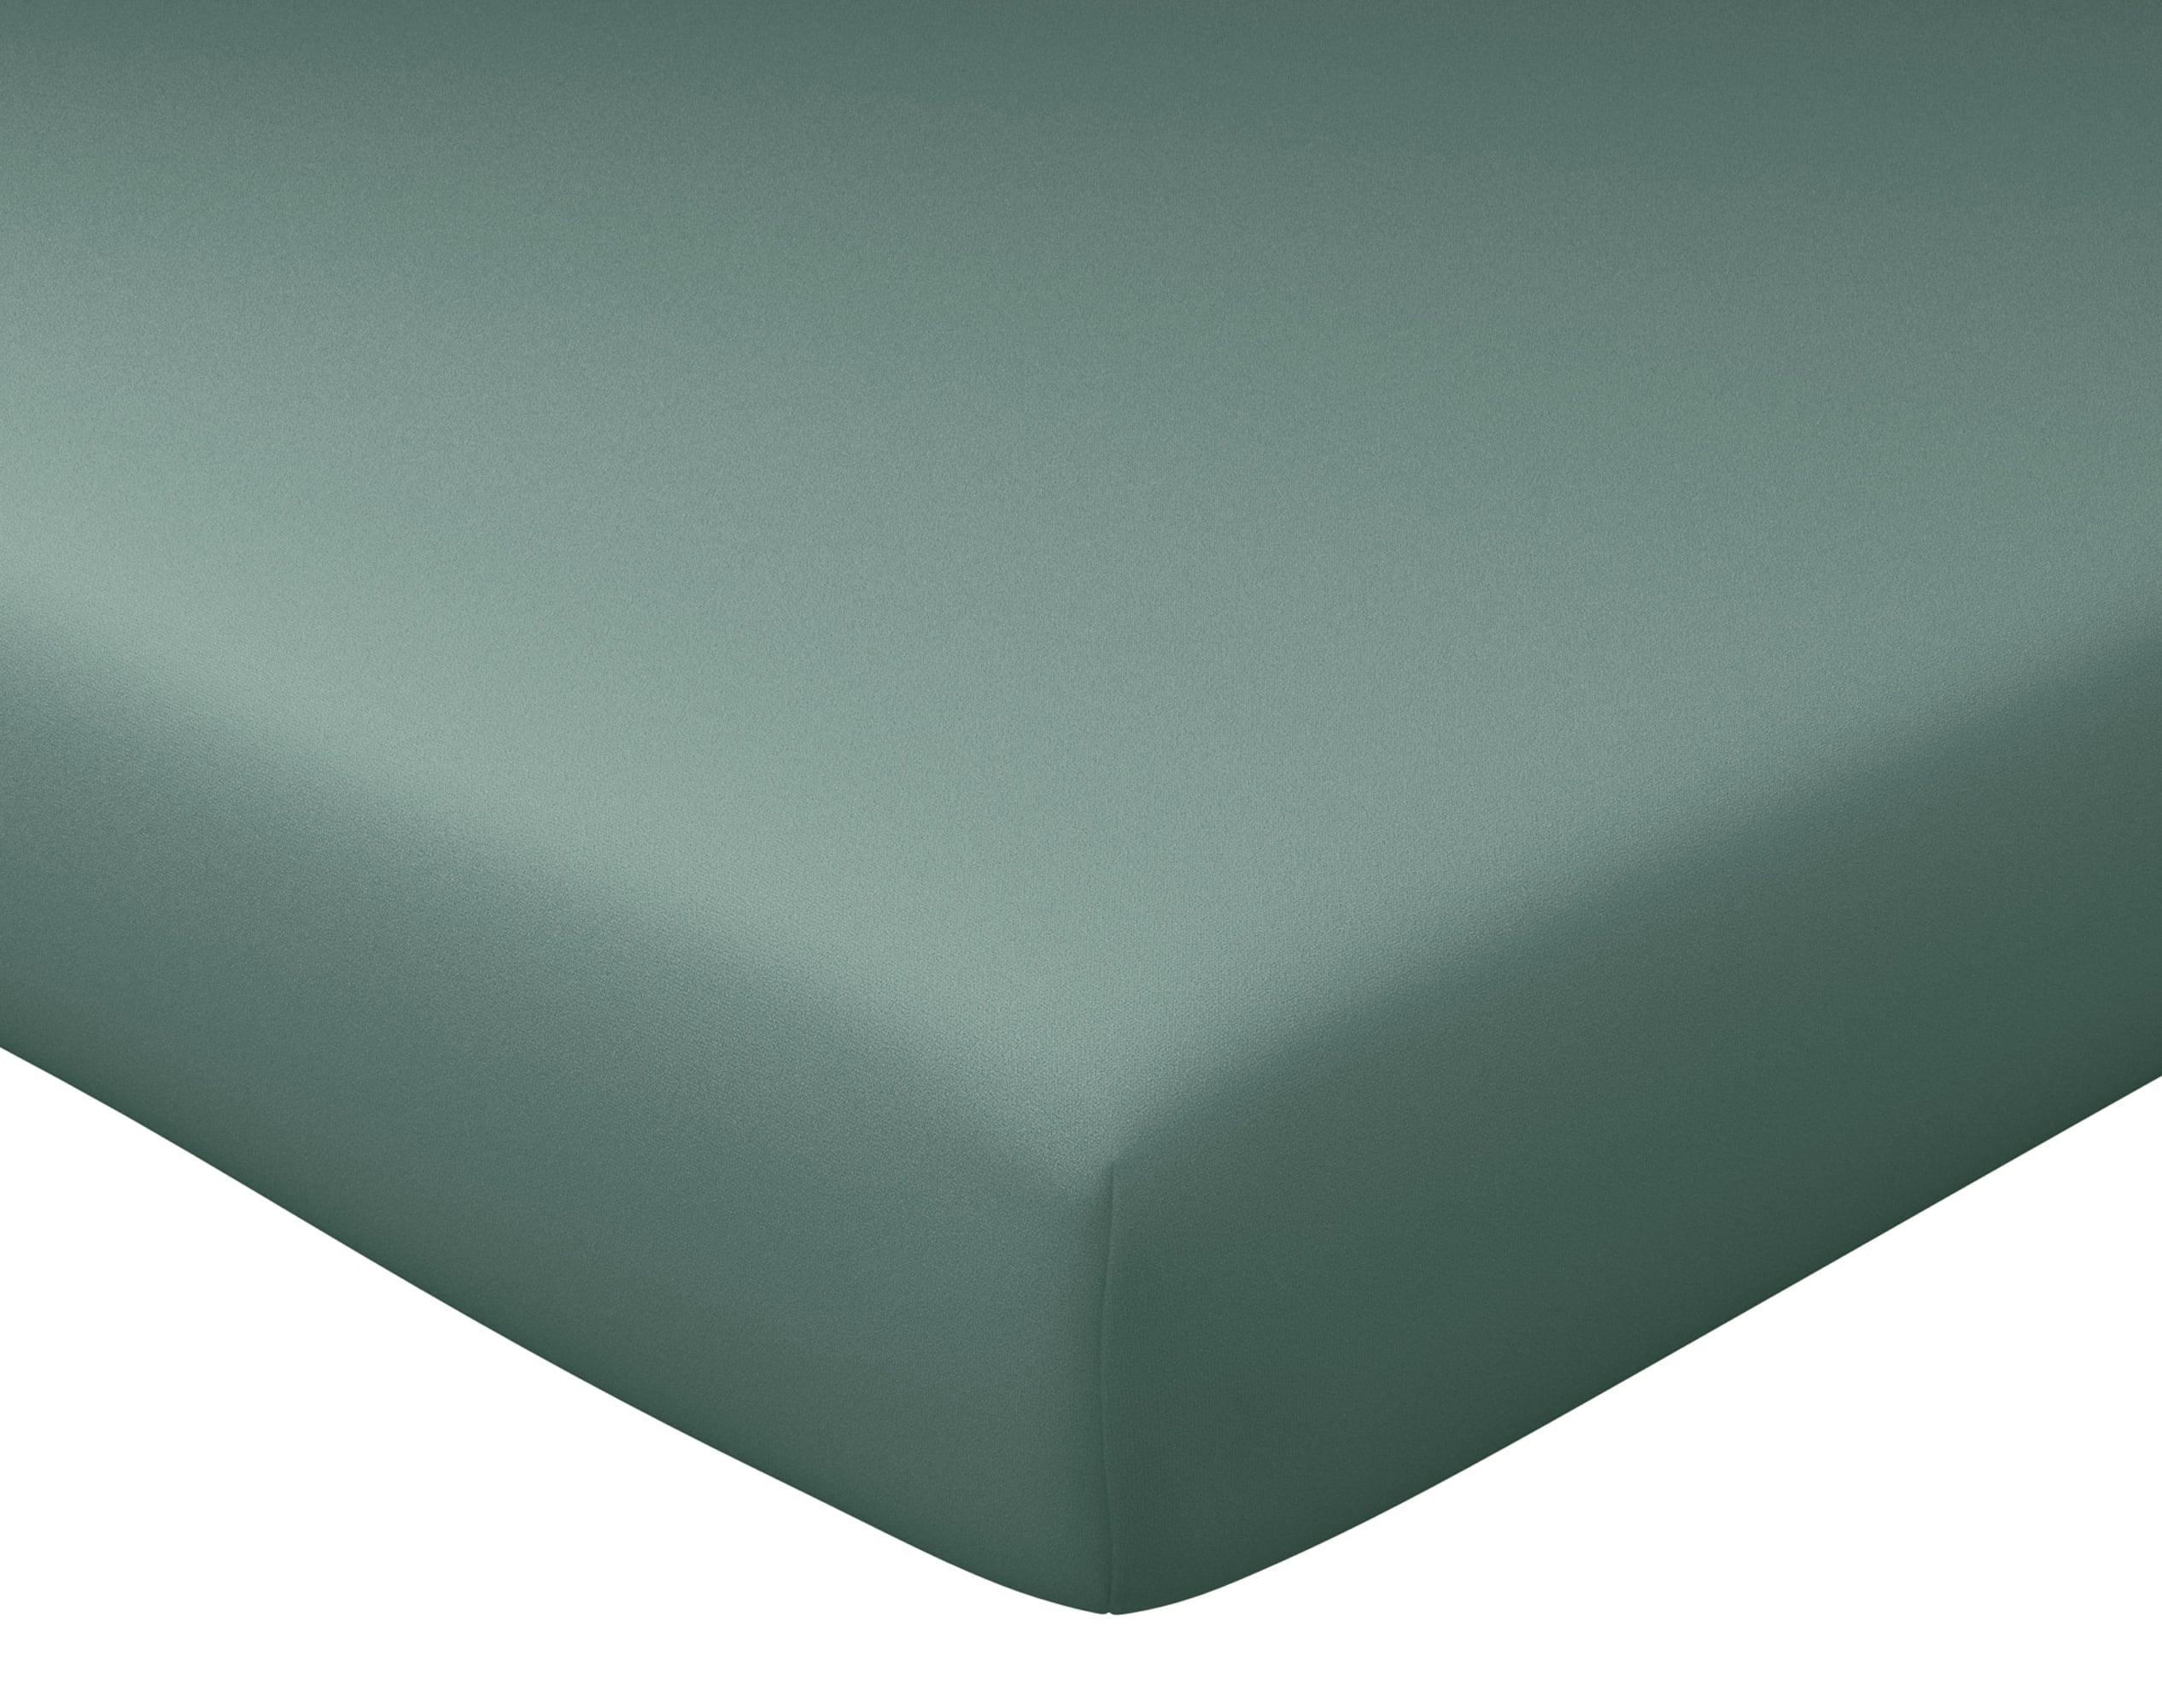 Drap-housse 160x200 en percale de coton  vert eucalyptus